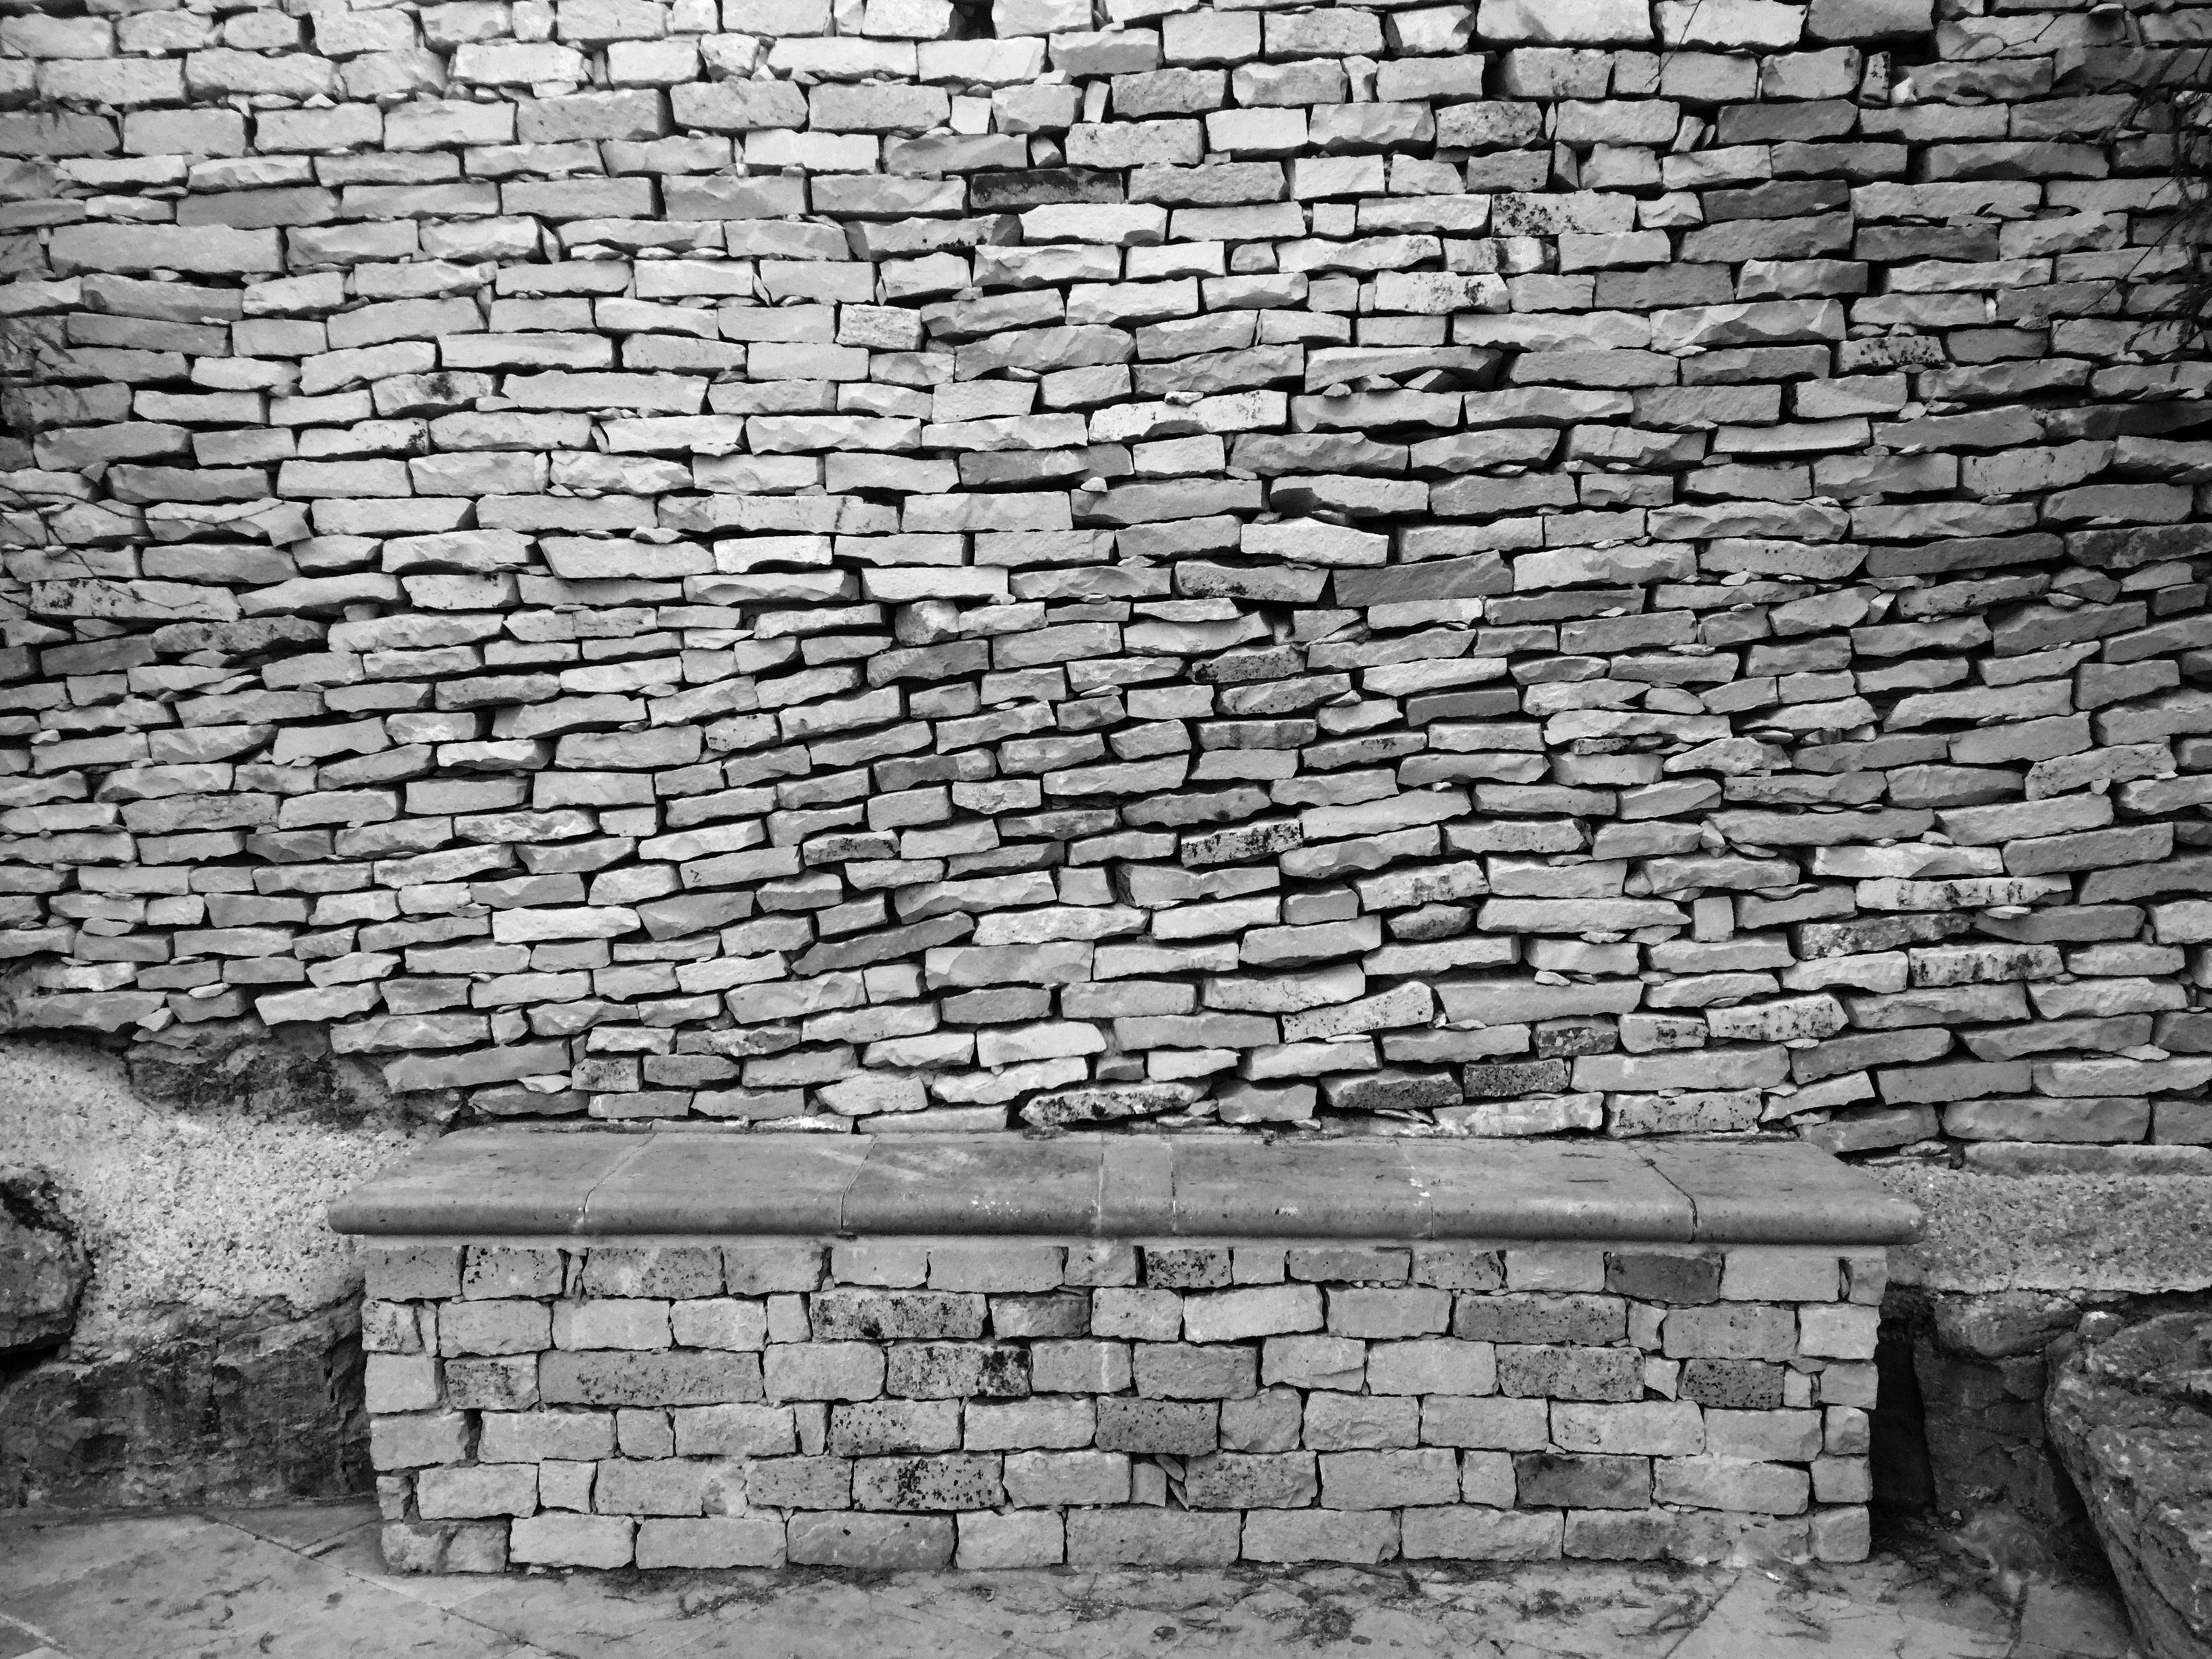 images gratuites roche noir et blanc bois texture pav mur de pierre monochrome brique. Black Bedroom Furniture Sets. Home Design Ideas